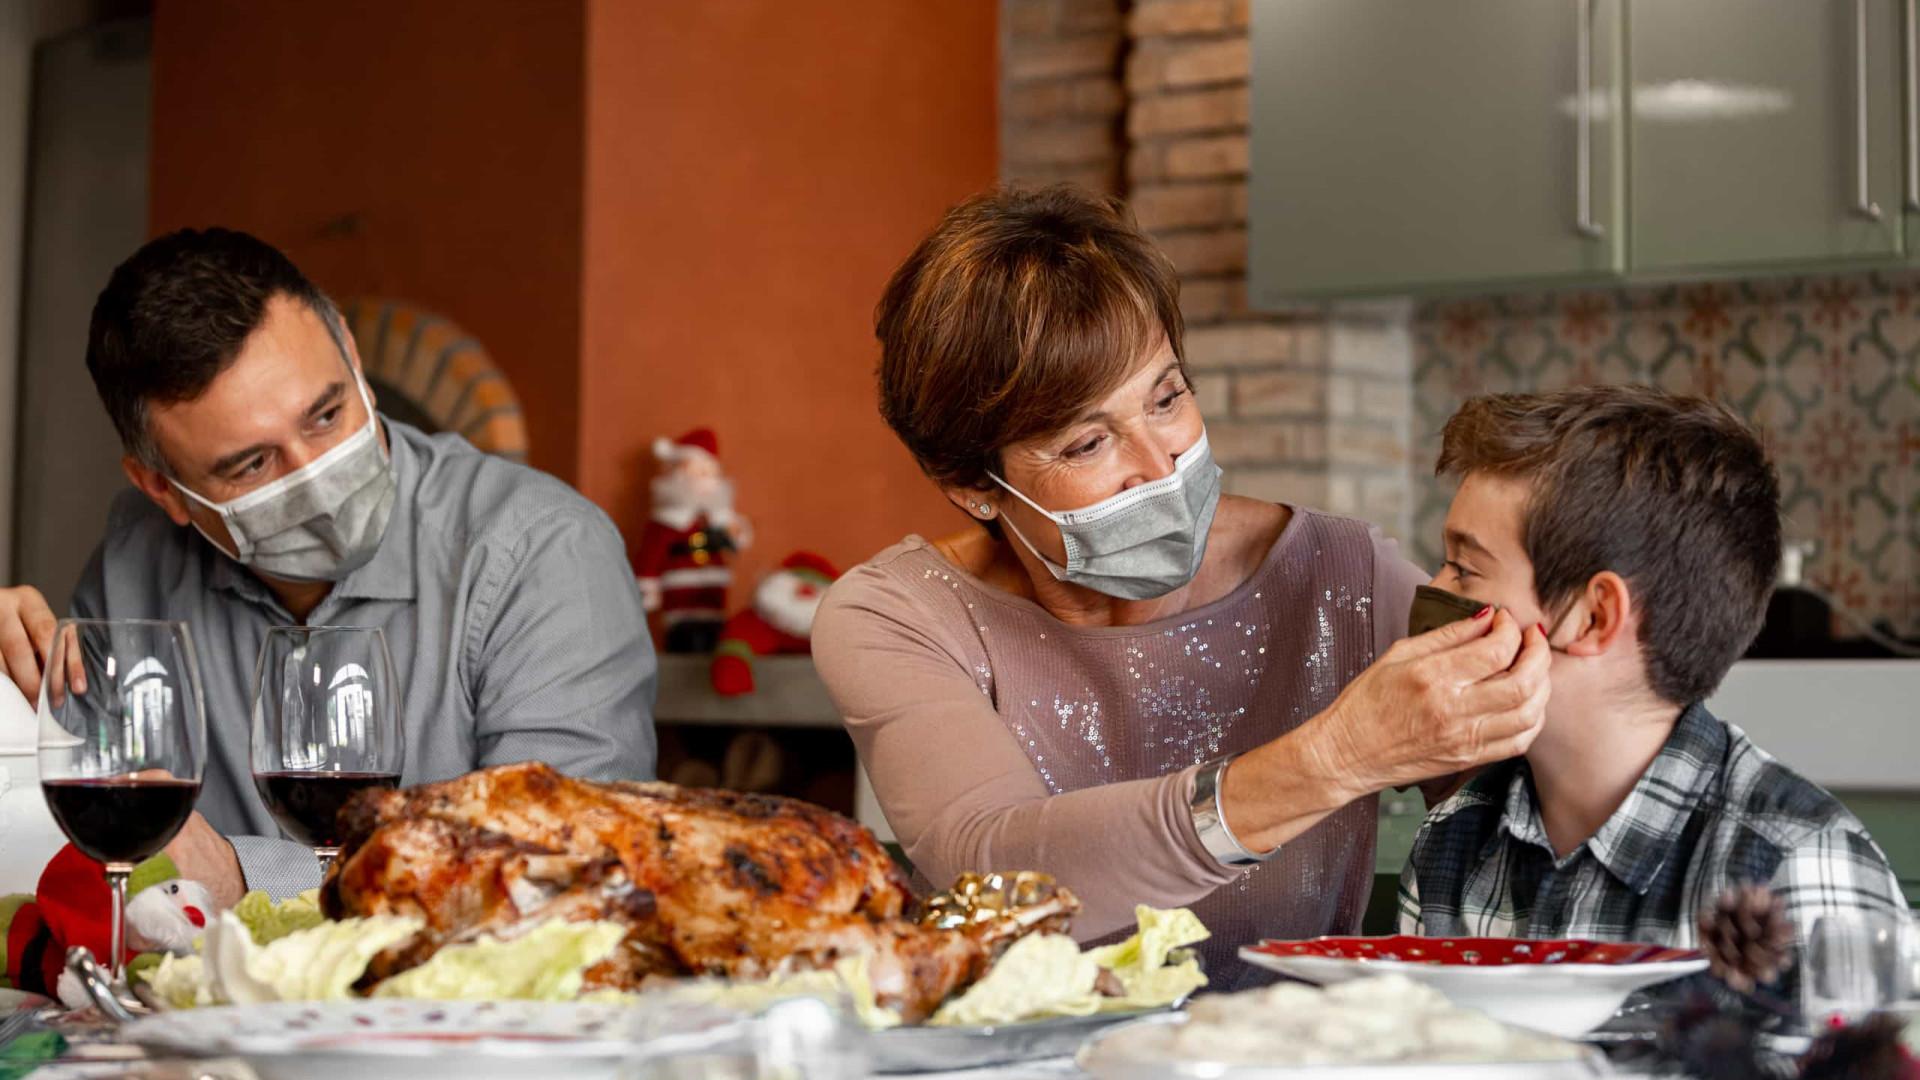 Encontrou a família e sintomas de Covid começaram agora? Isole-se e avise-os